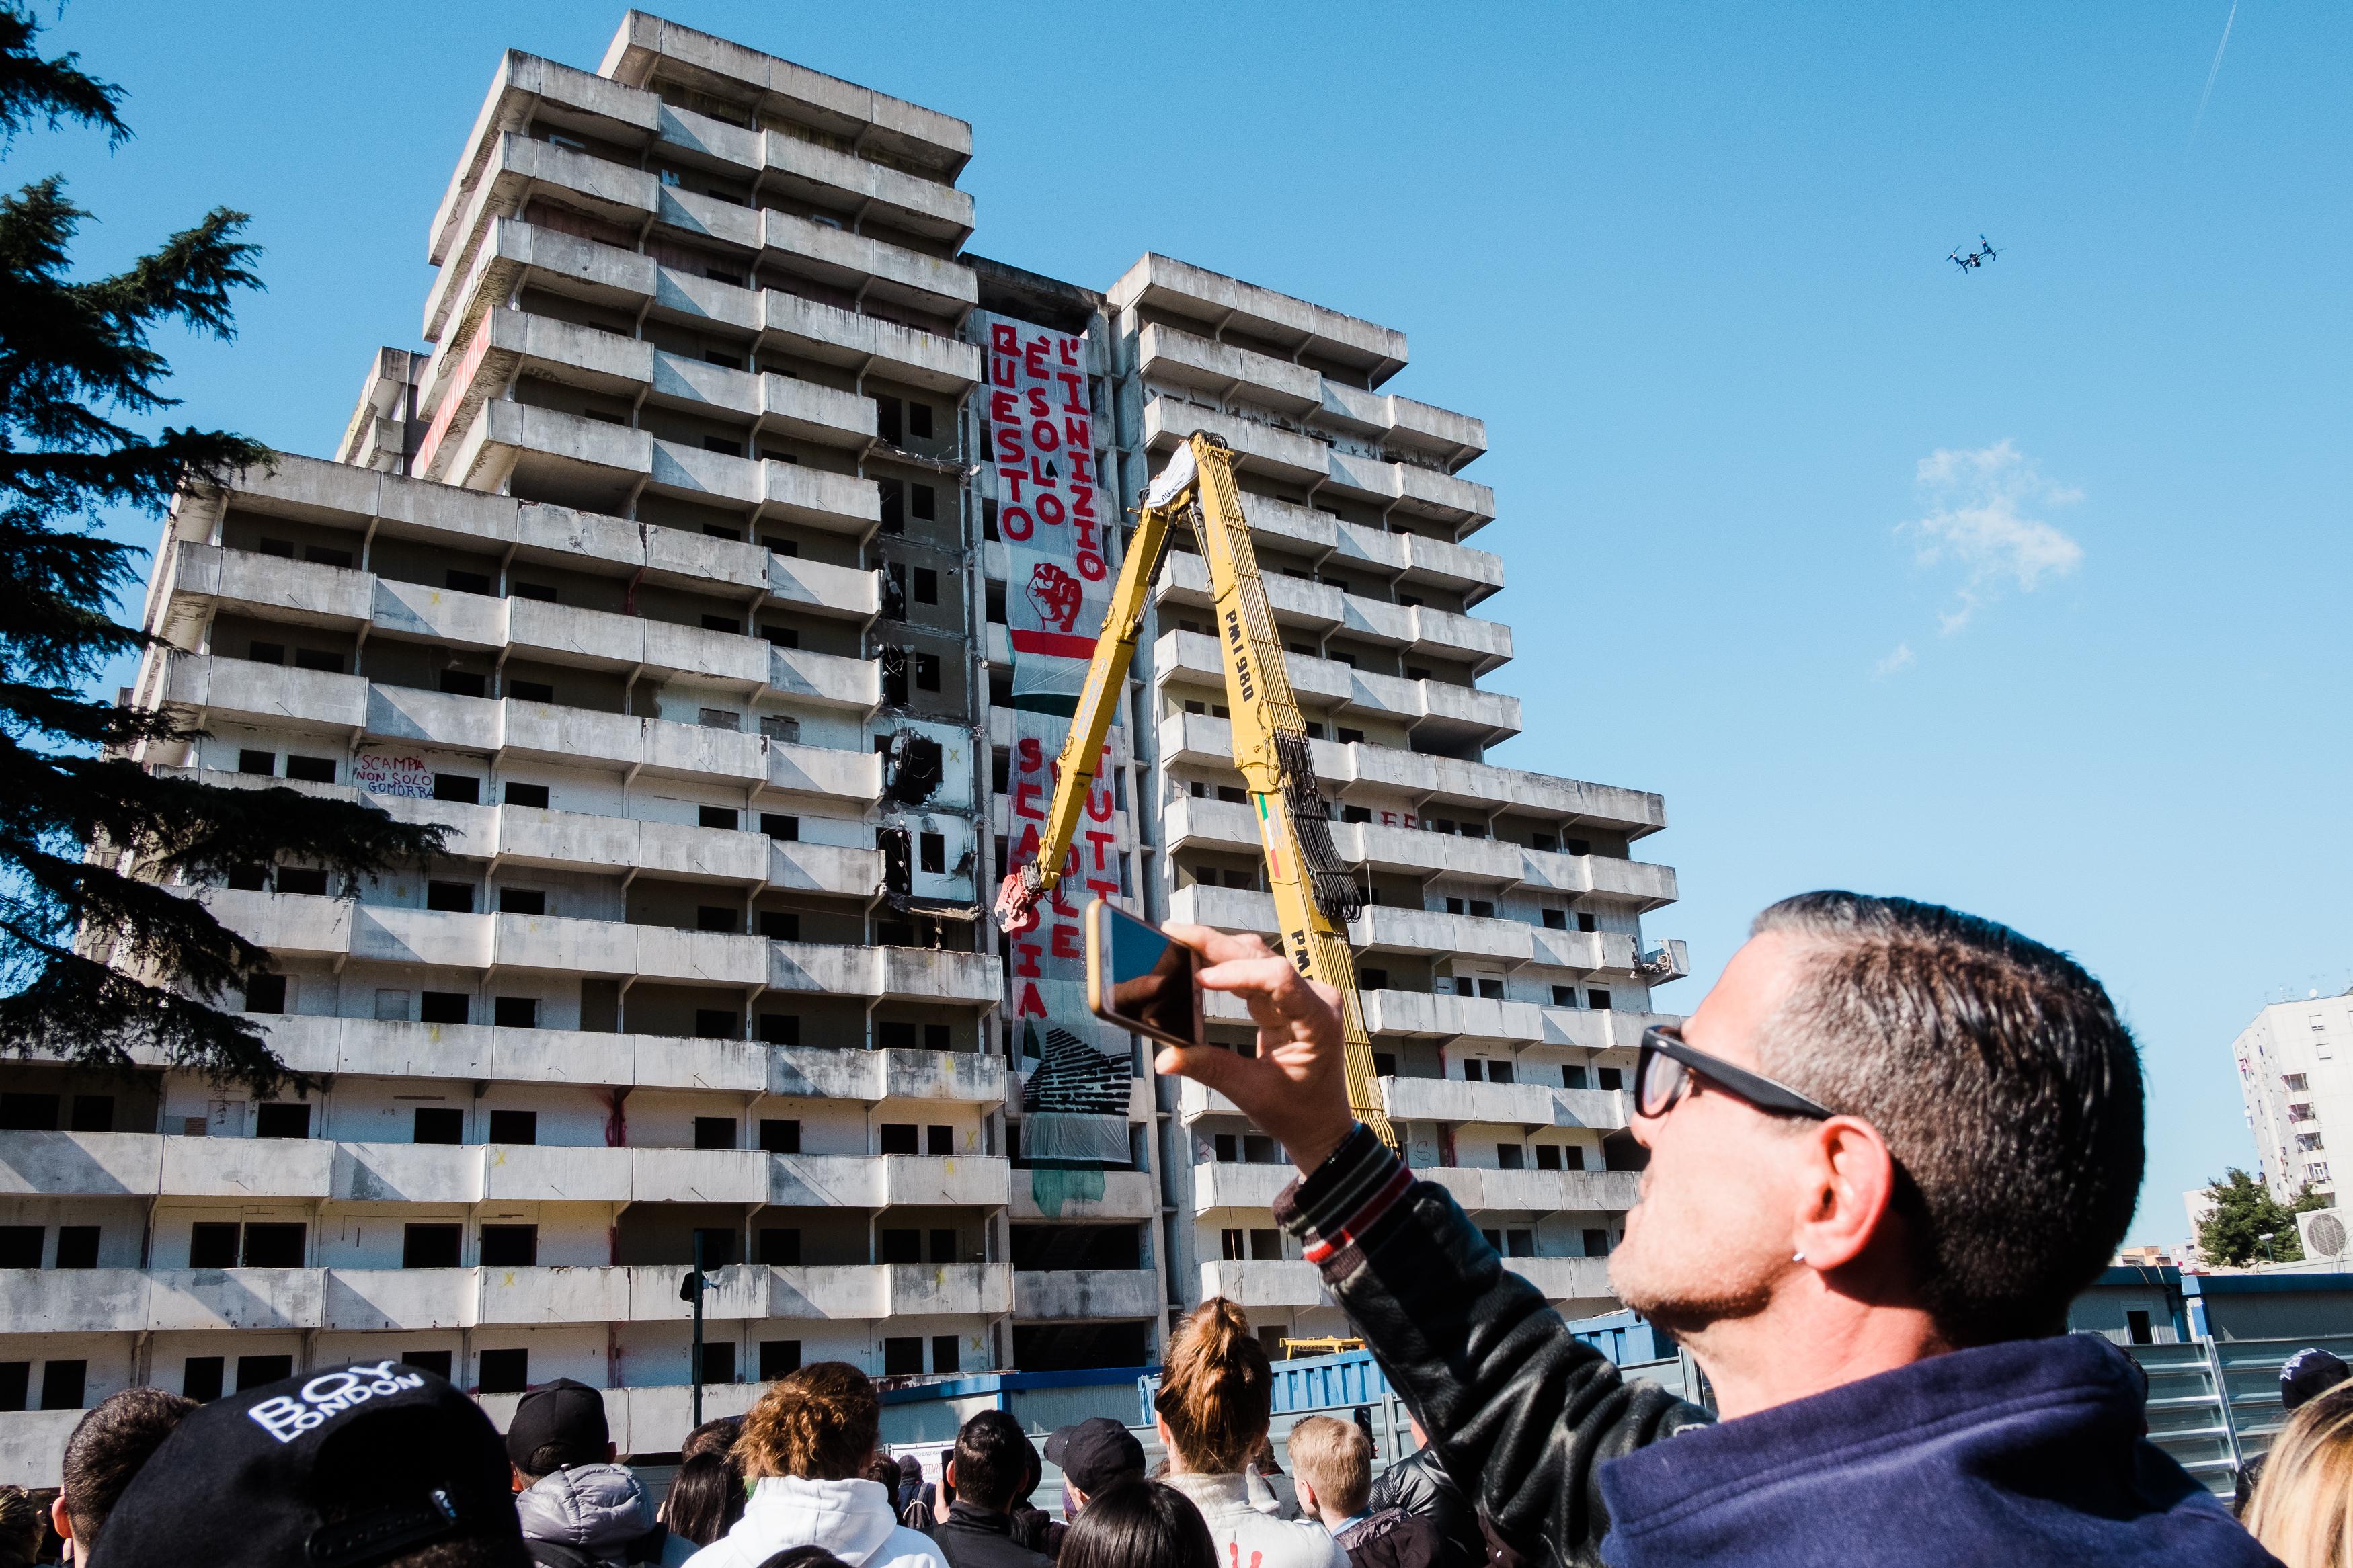 Elkezdték elbontani Nápoly hírhedt épületeit, ahol a Gomorrah is játszódik